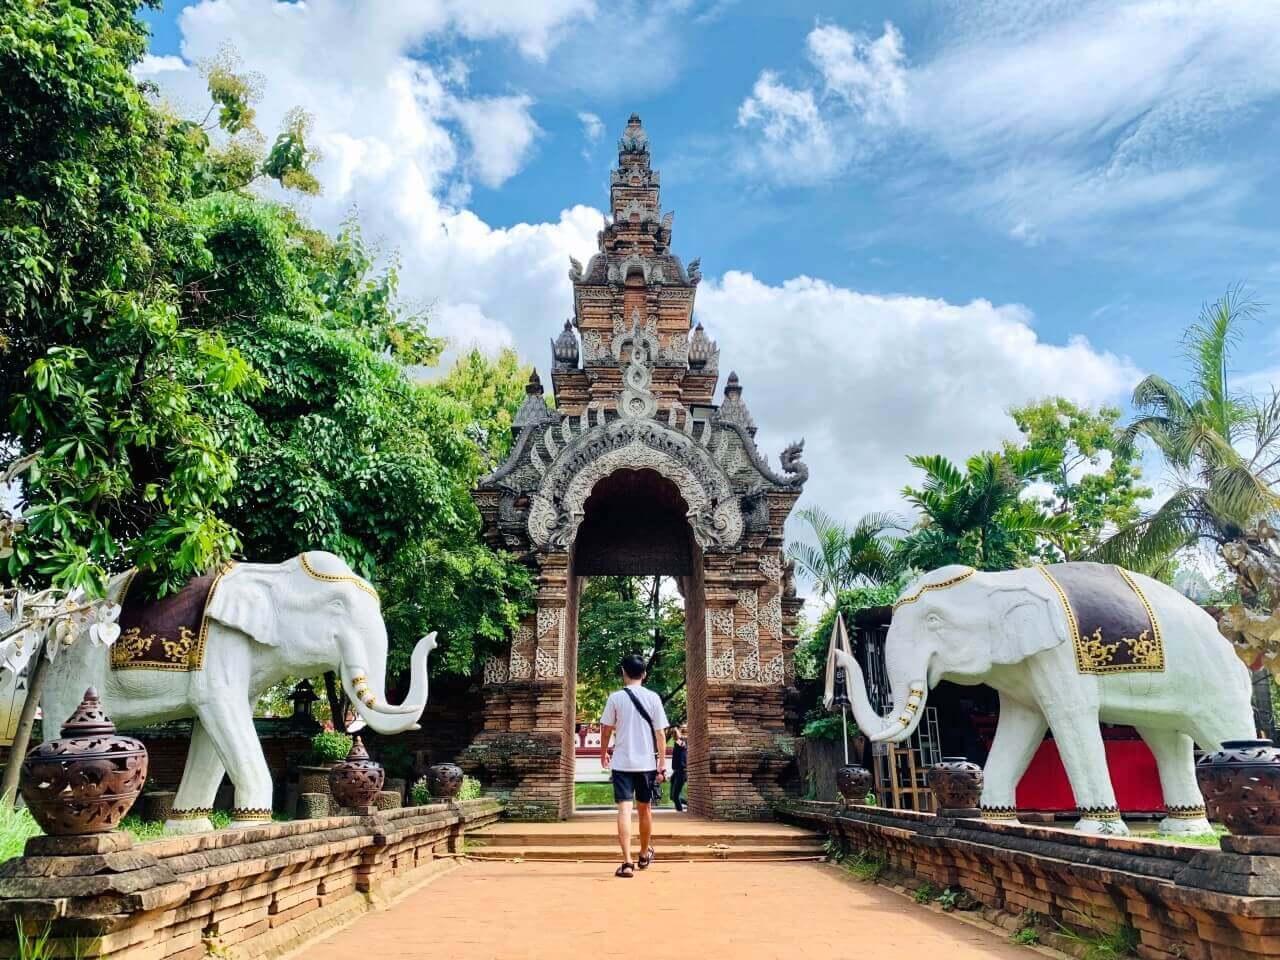 【泰國清邁住宿】重點清邁住宿地點整理,特色設計飯店推薦